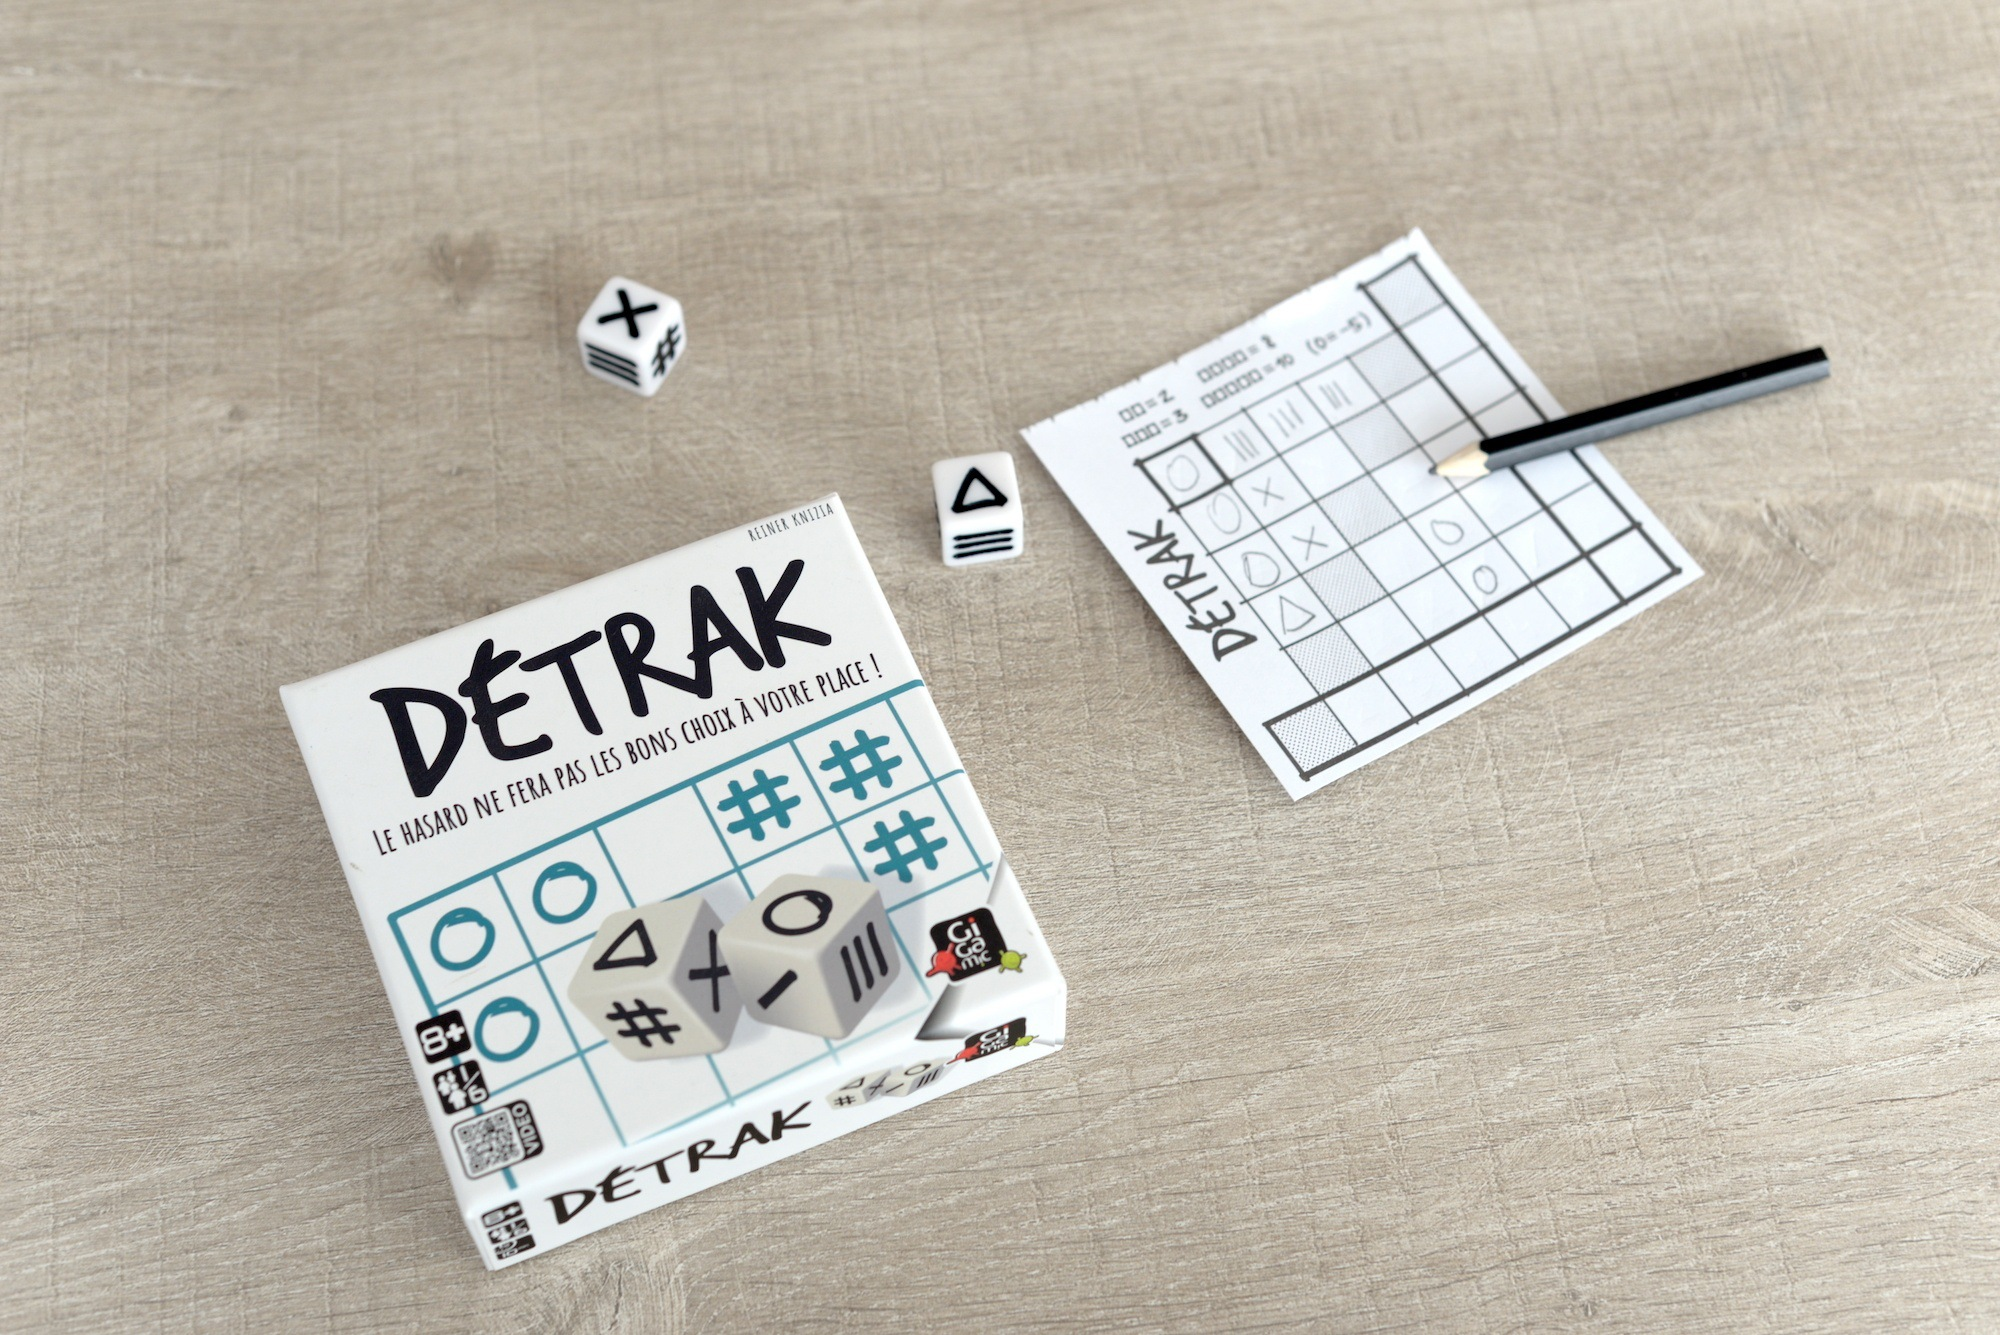 detrak-jeu-9